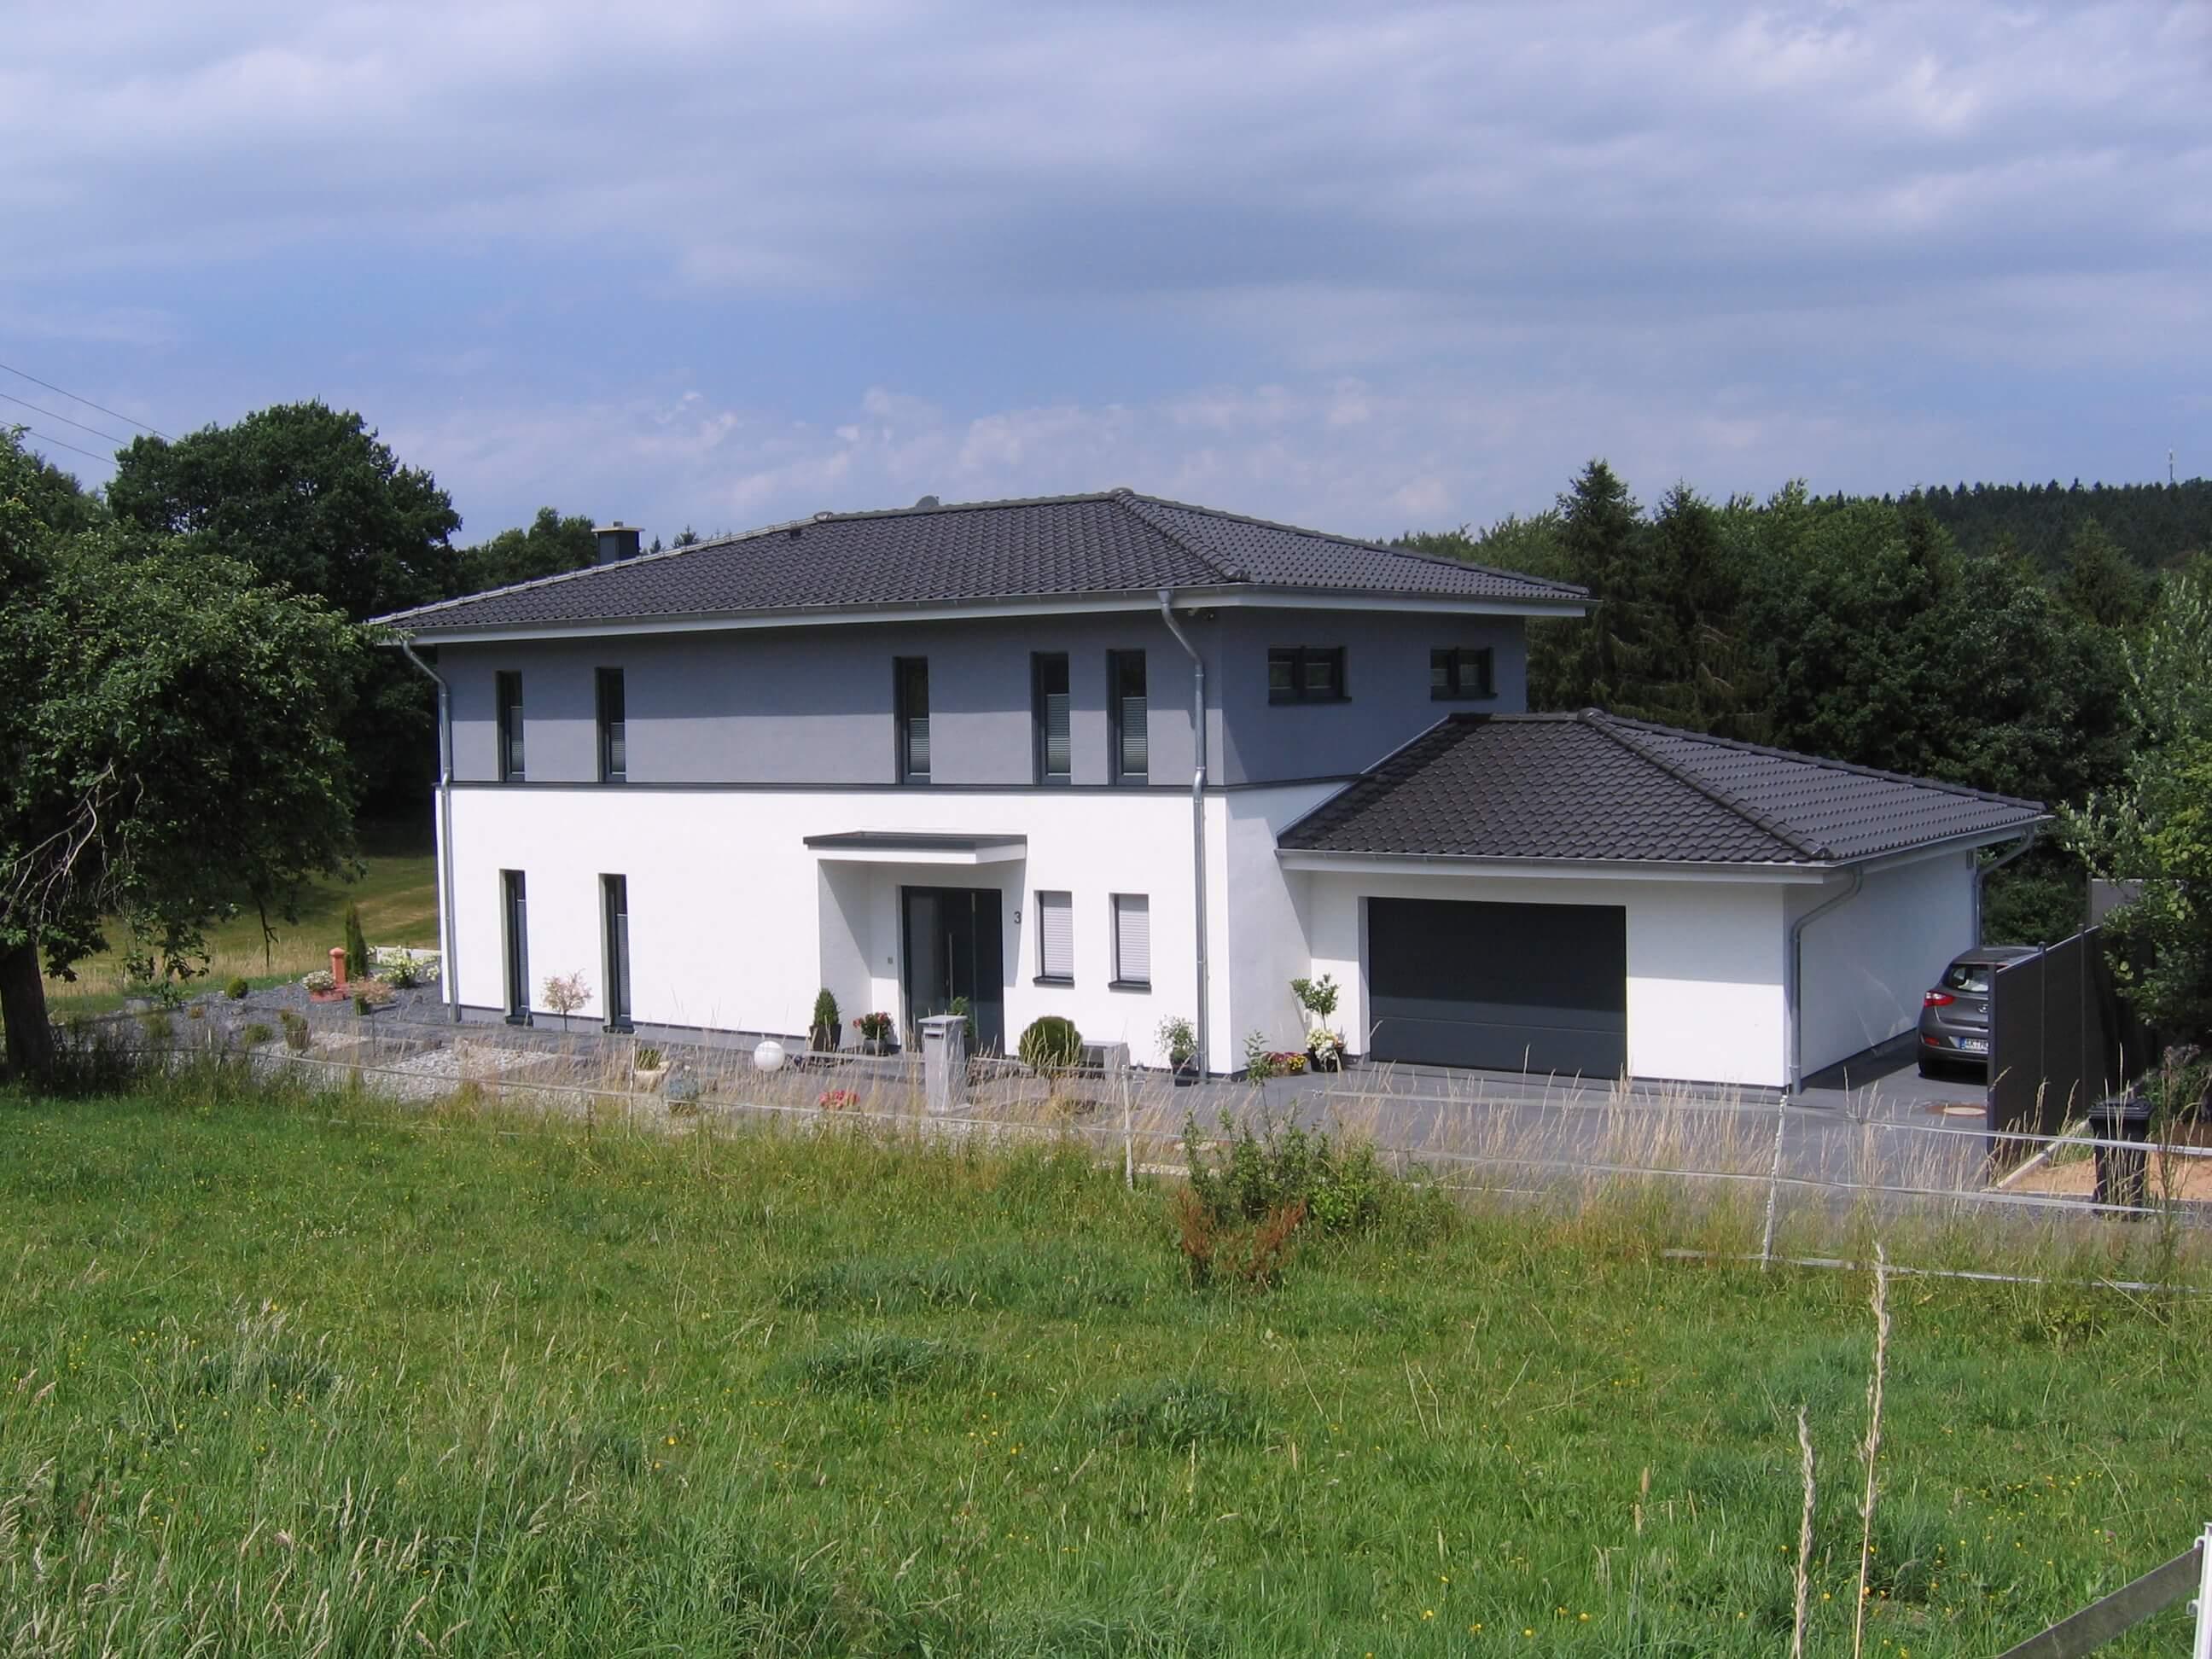 Einfamilienhaus vom Architekten gebaut